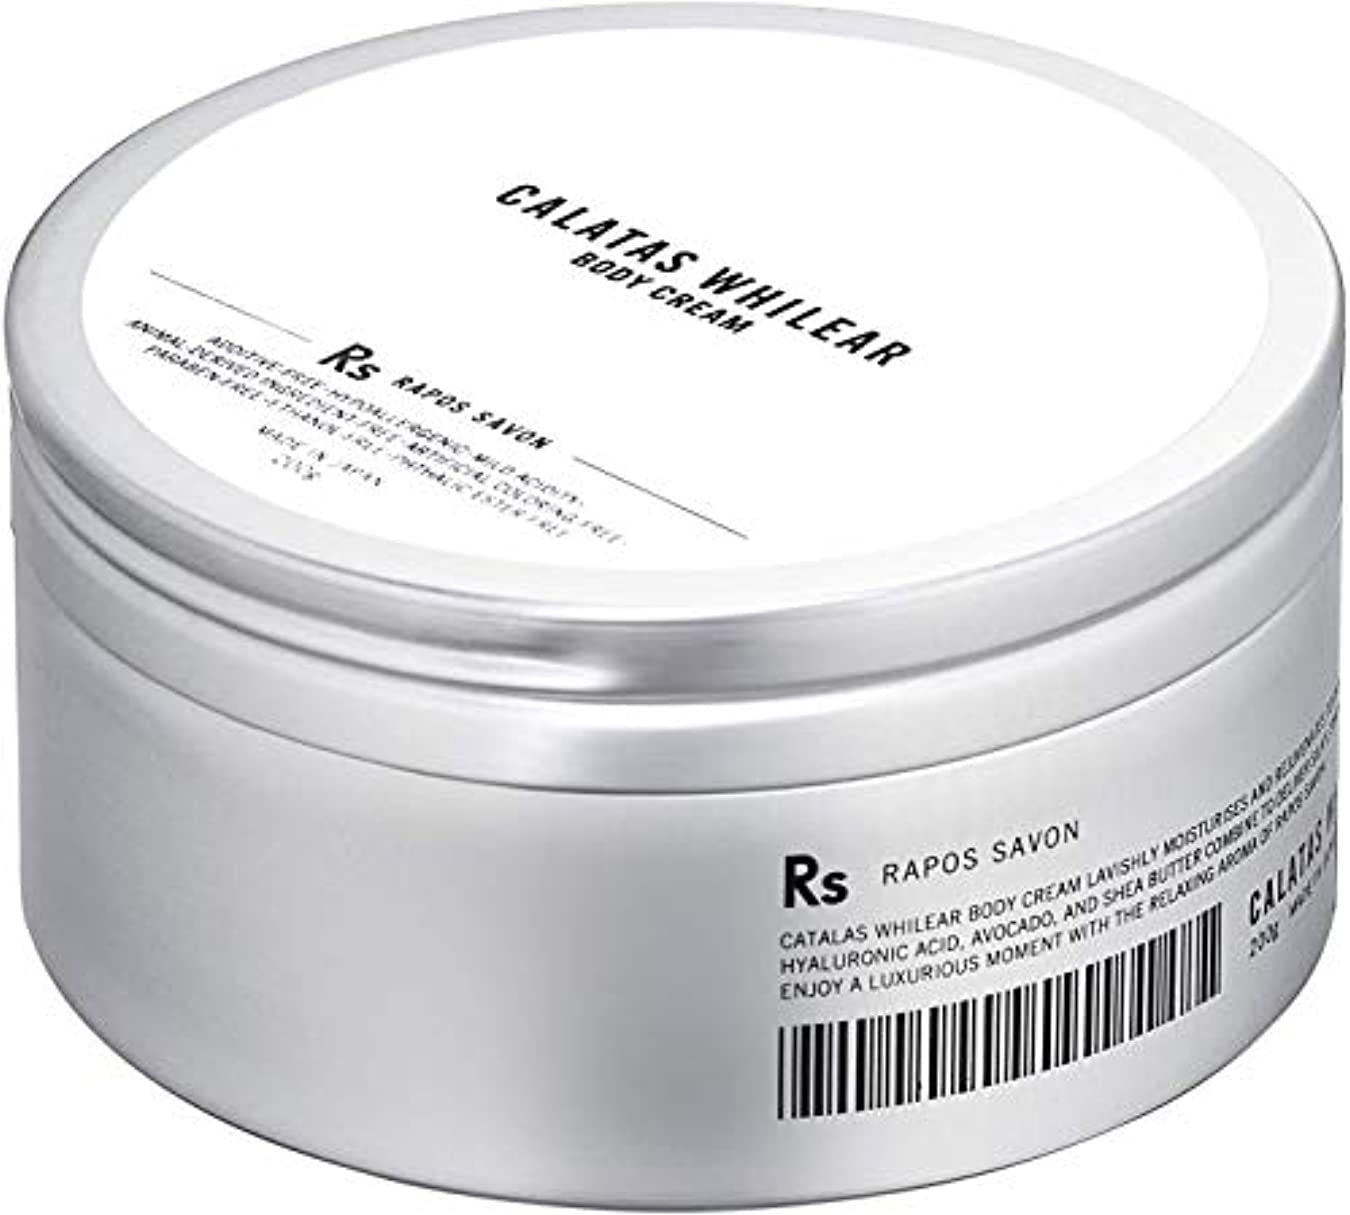 先許可する凍ったCALATAS(カラタス) カラタス(CALATAS) ホワイリア ボディクリーム Rs(ラポサボン) 200mg